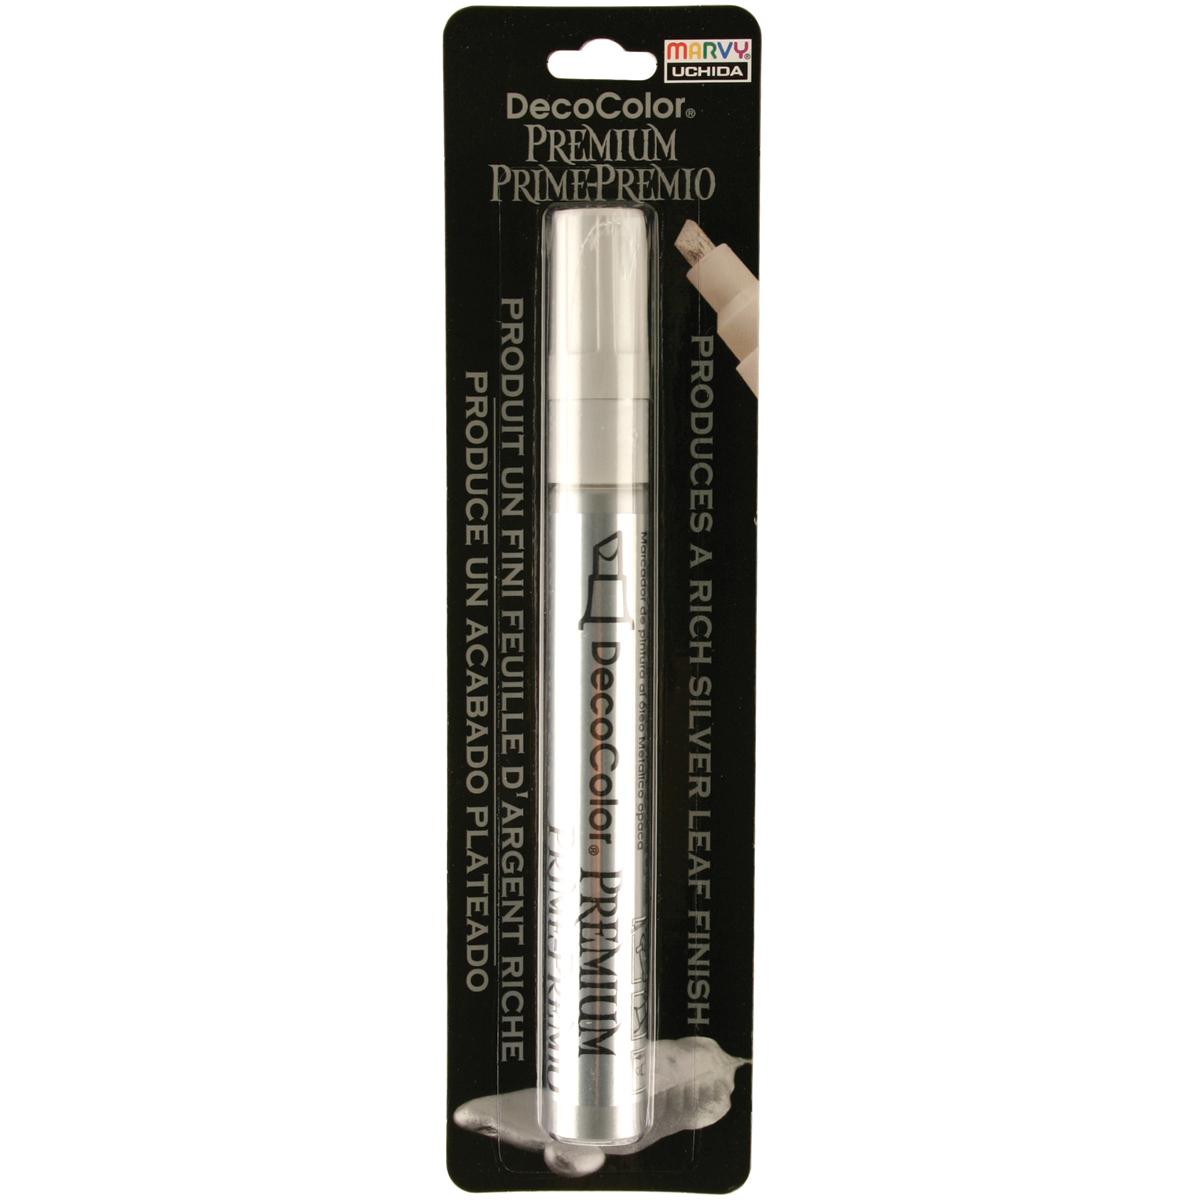 Marvy Uchida DecoColor Premium Chisel Silver Paint Marker, 1 Each